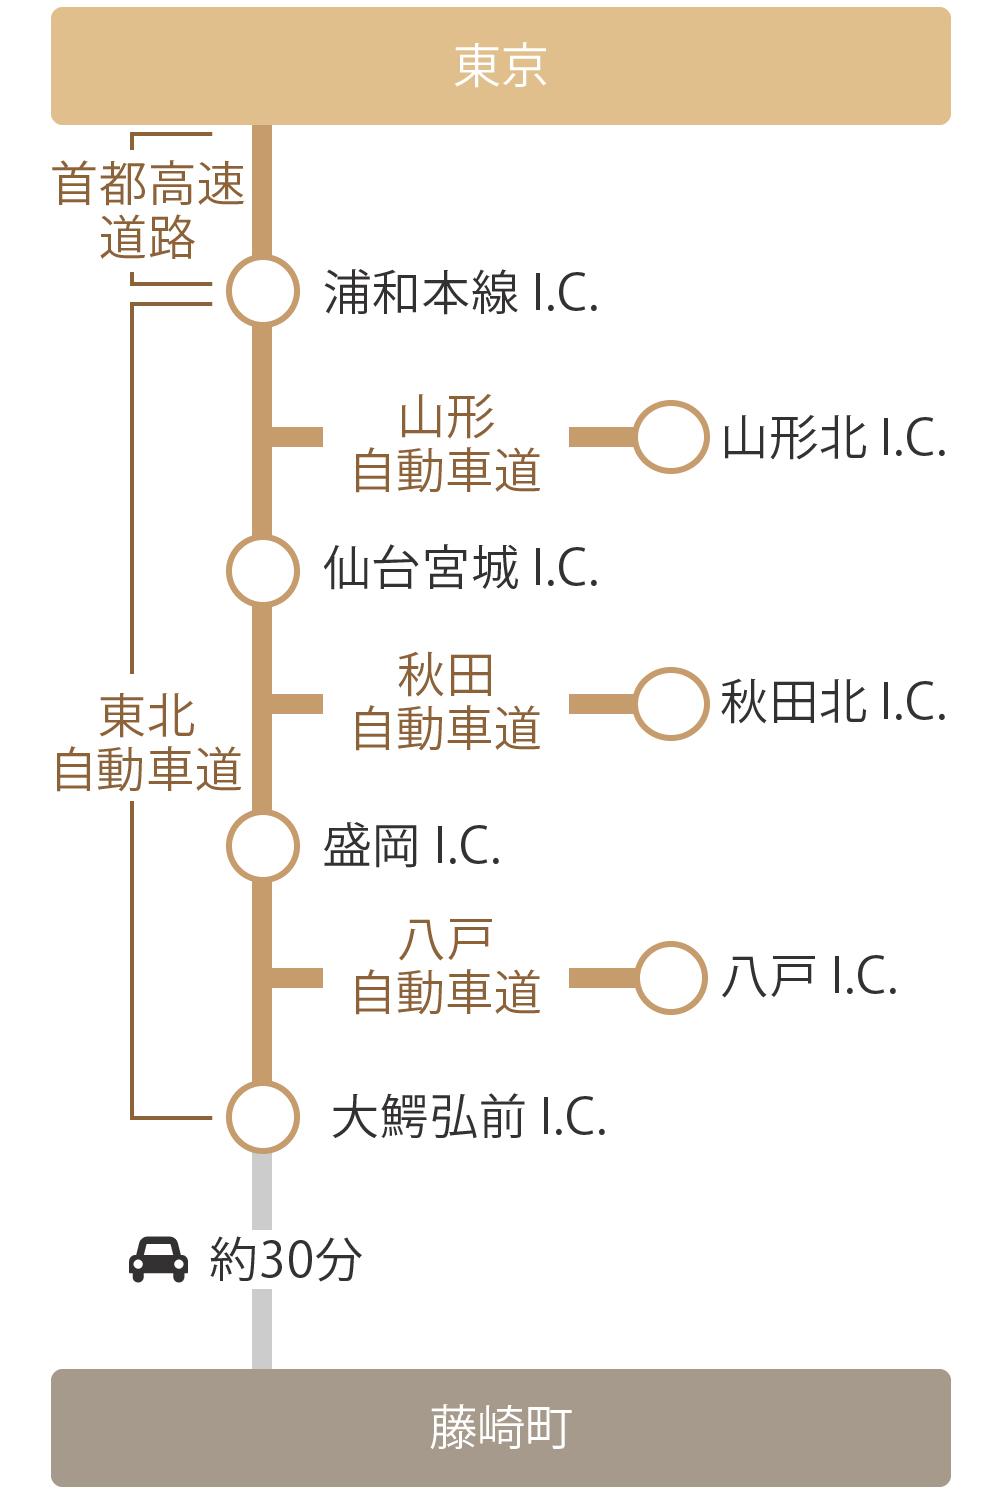 自動車での藤崎町までの経路